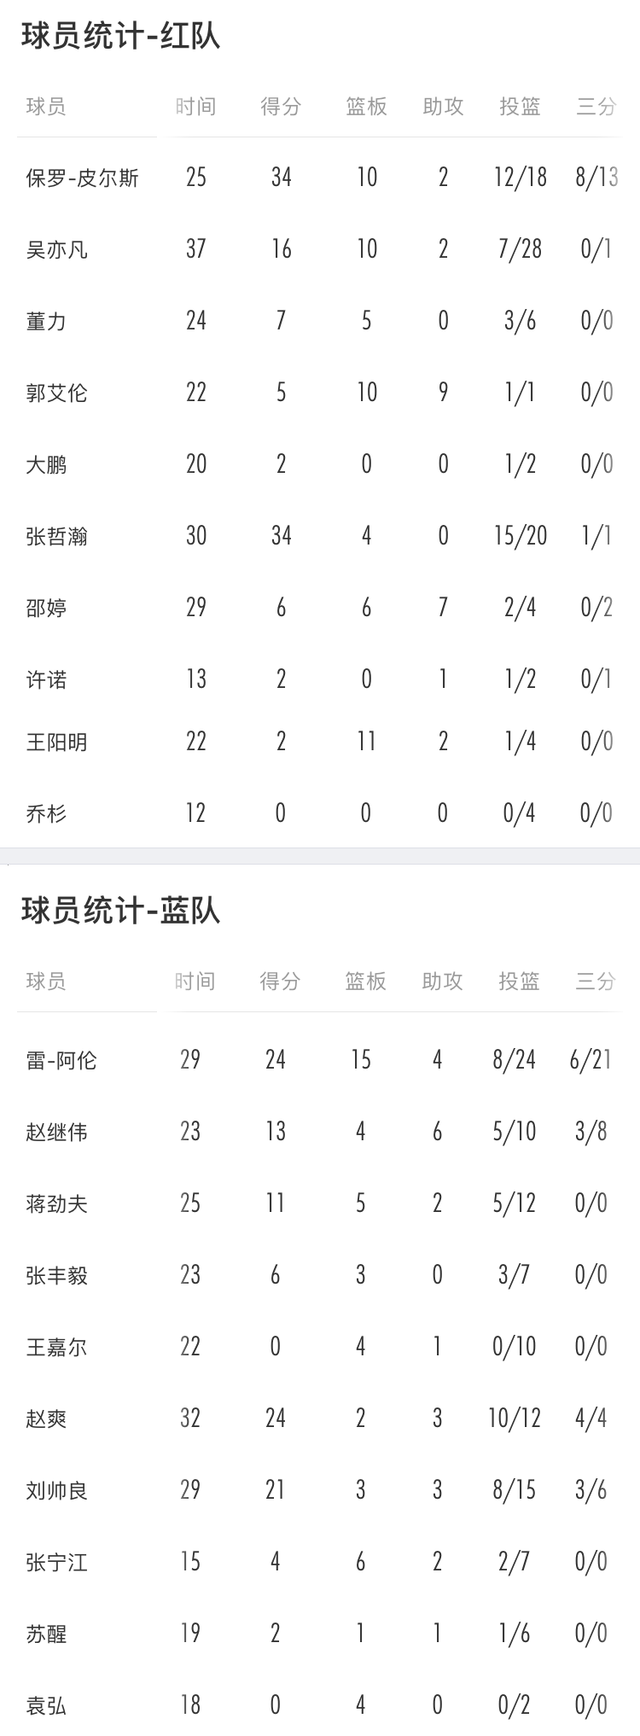 名人赛-张哲瀚34分获MVP吴亦凡两双 红队胜蓝队